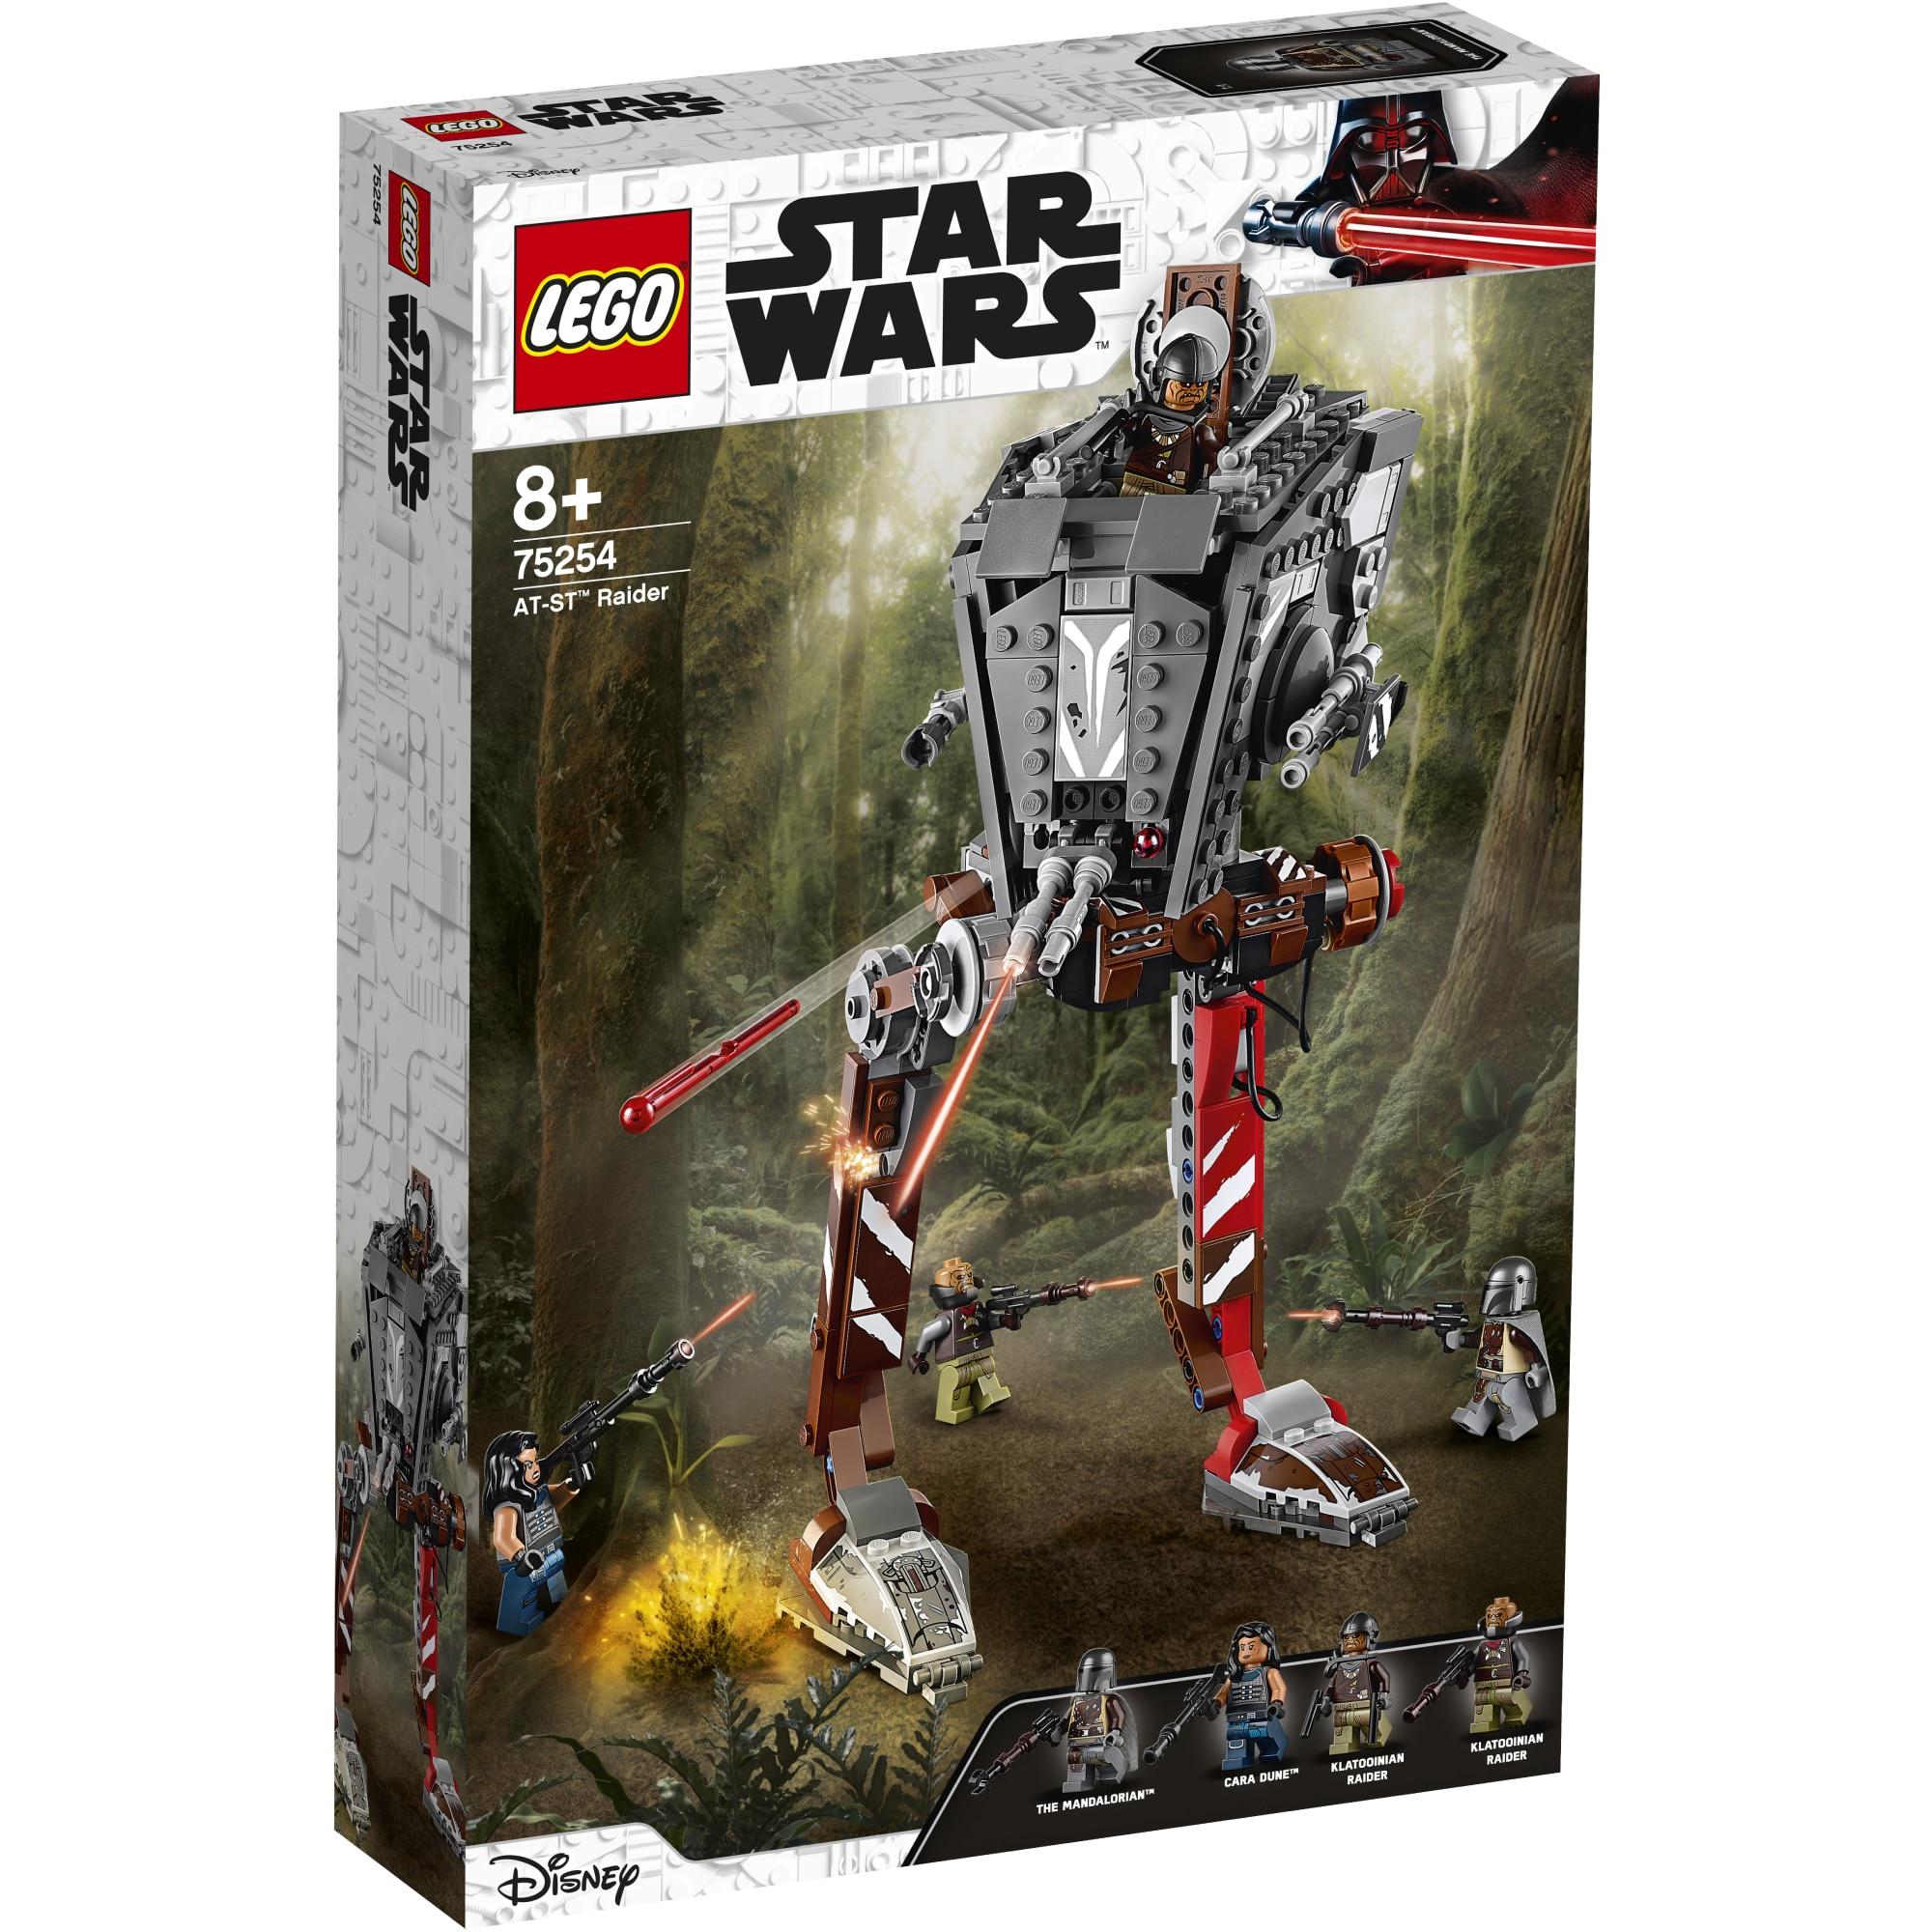 Fotografie LEGO Star Wars - AT ST Raider 75254, 540 piese